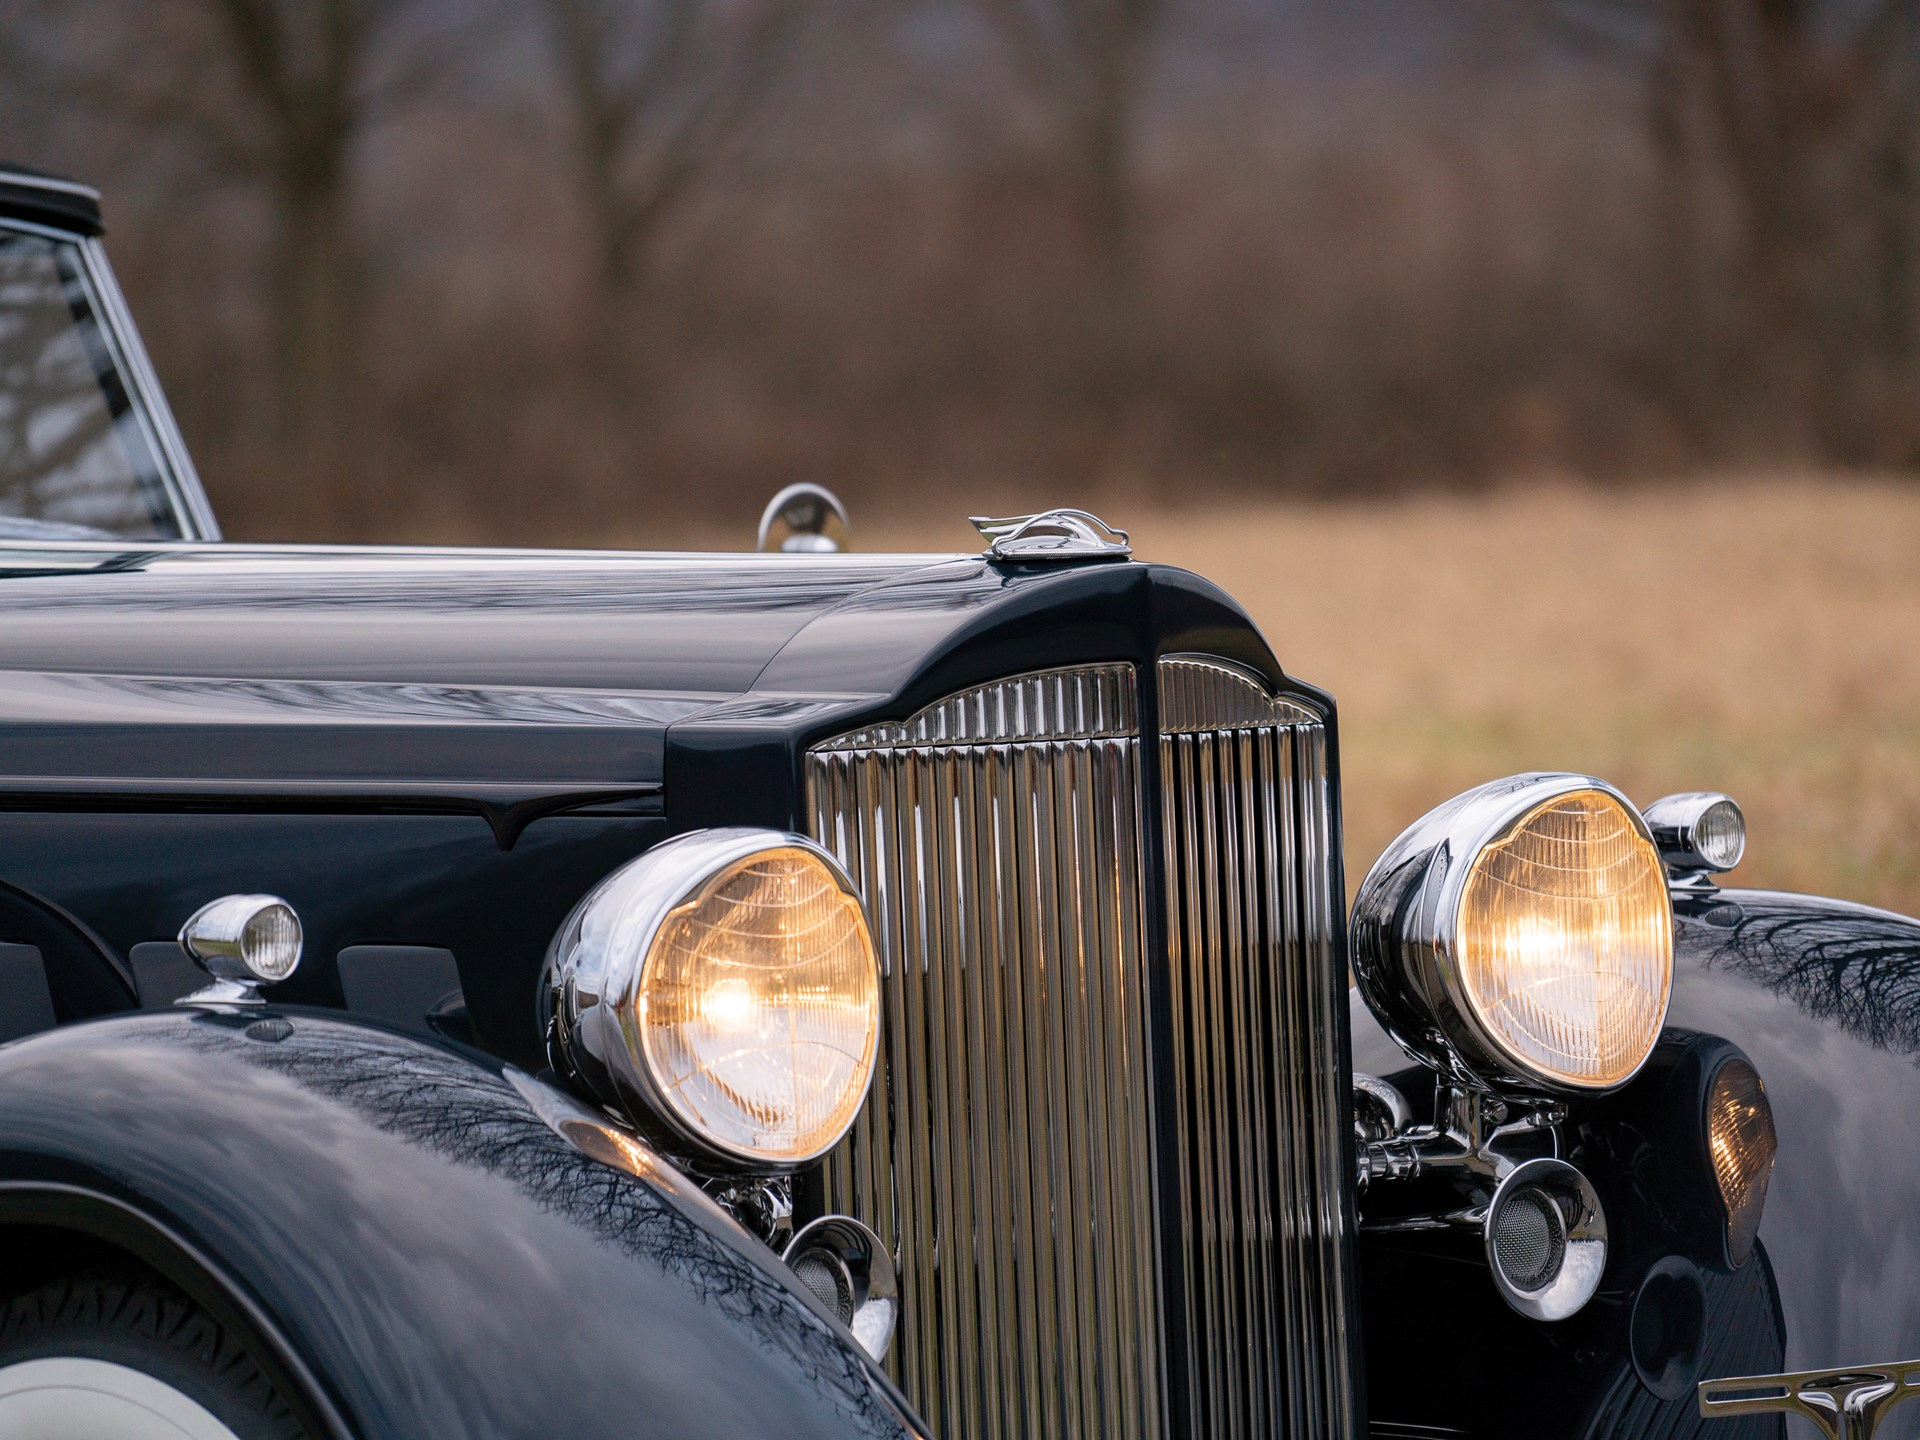 1934 Packard Twelve Individual Custom Convertible Sedan by Dietrich